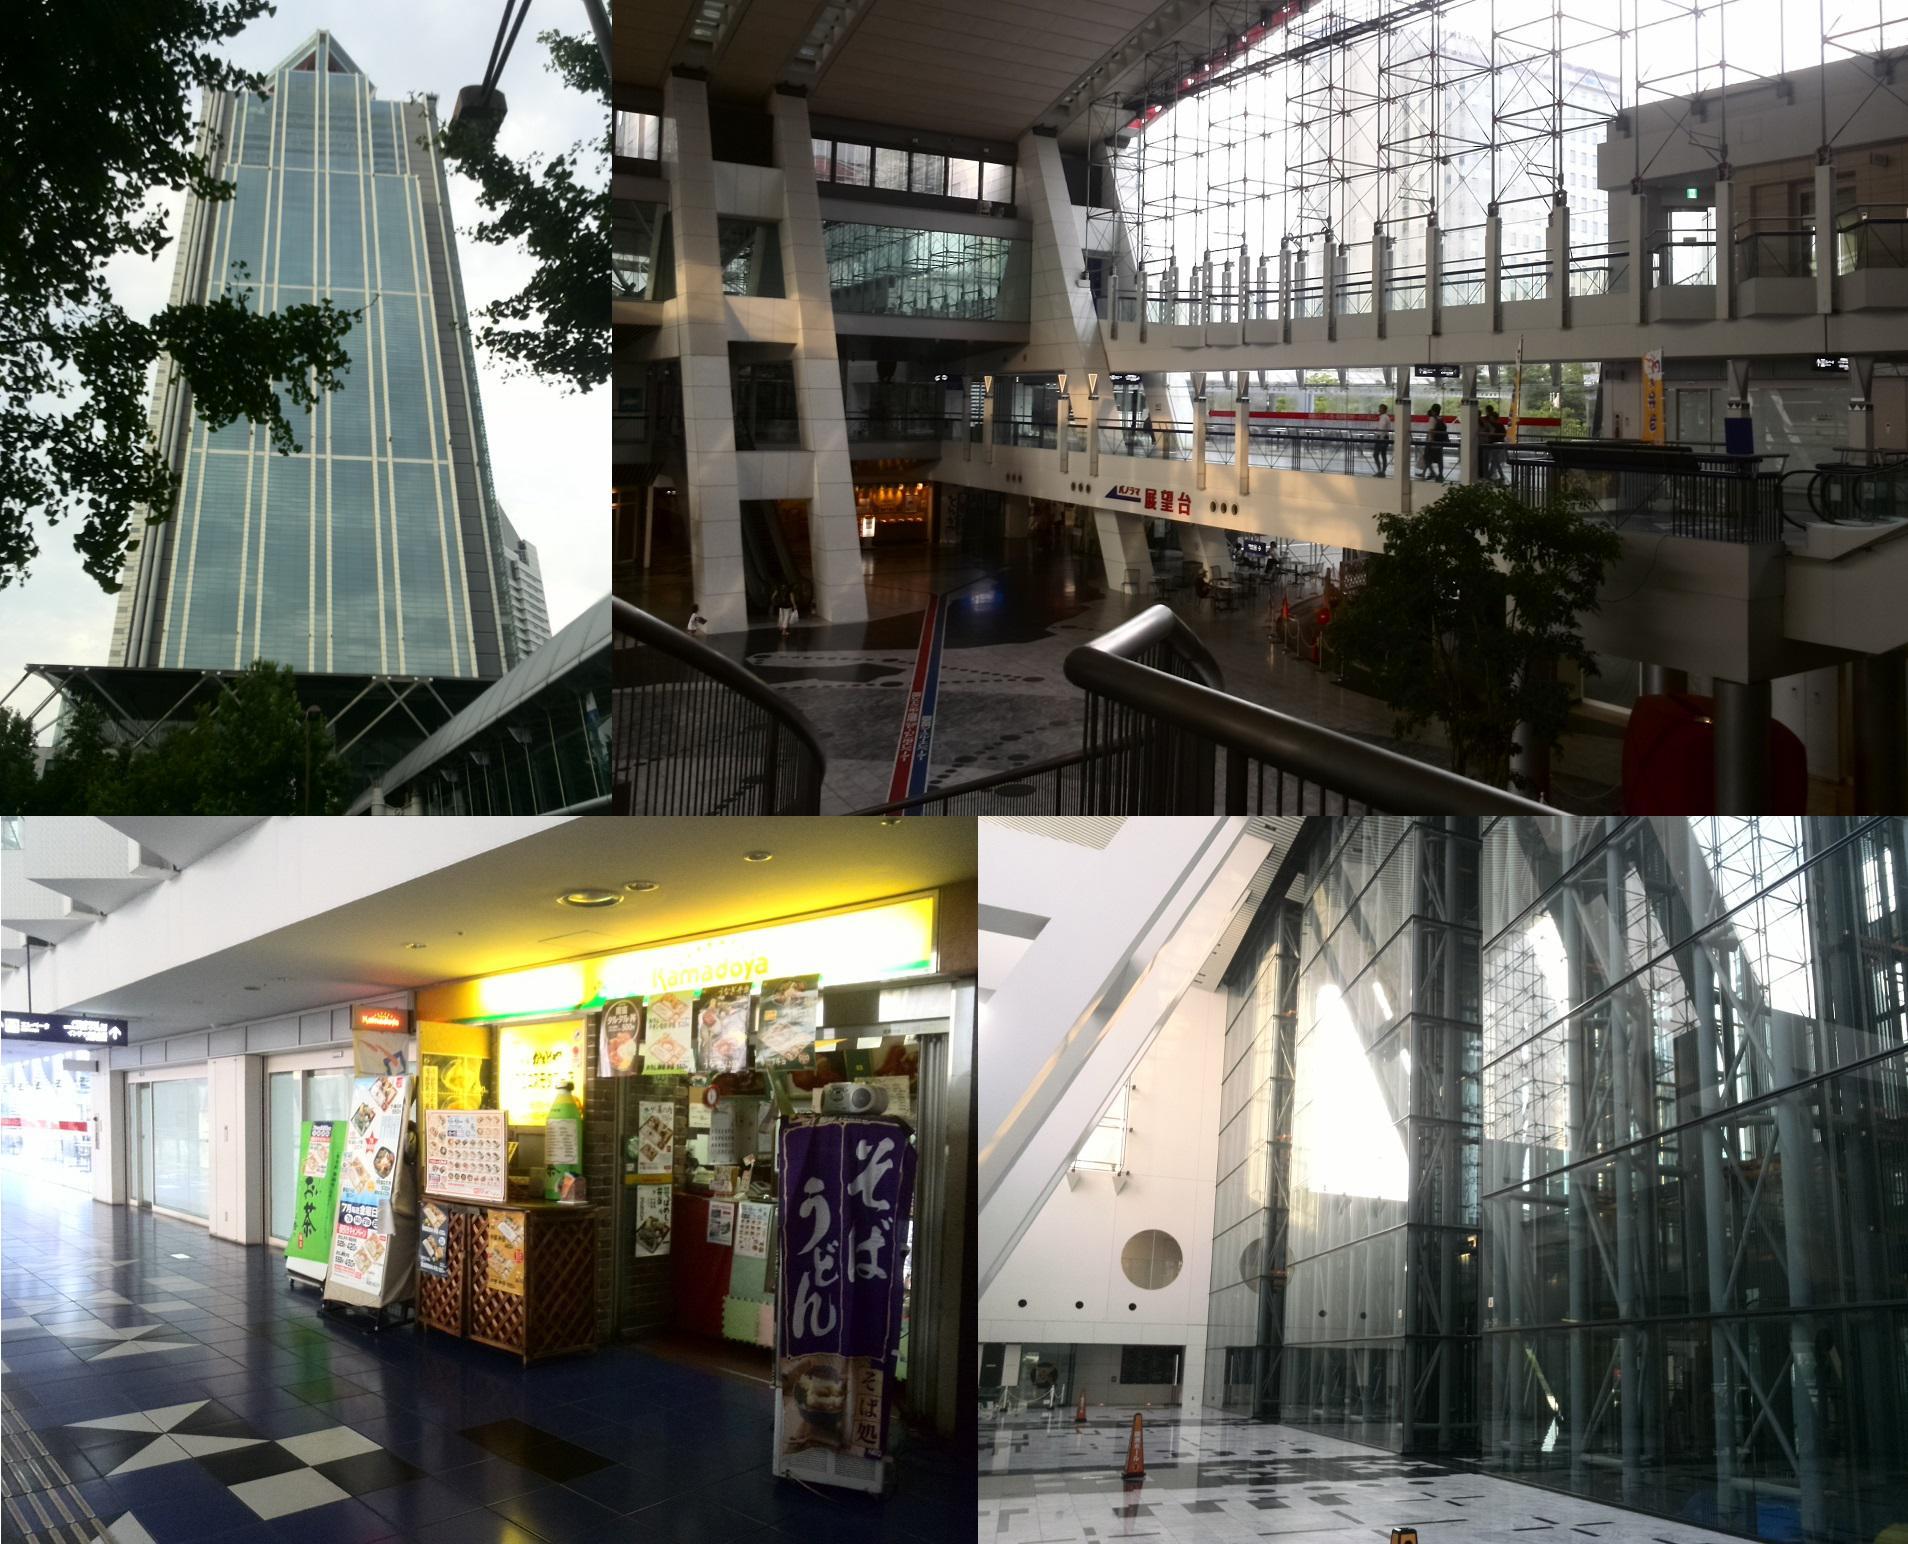 2010年頃のWTC(現・大阪府咲洲庁舎)